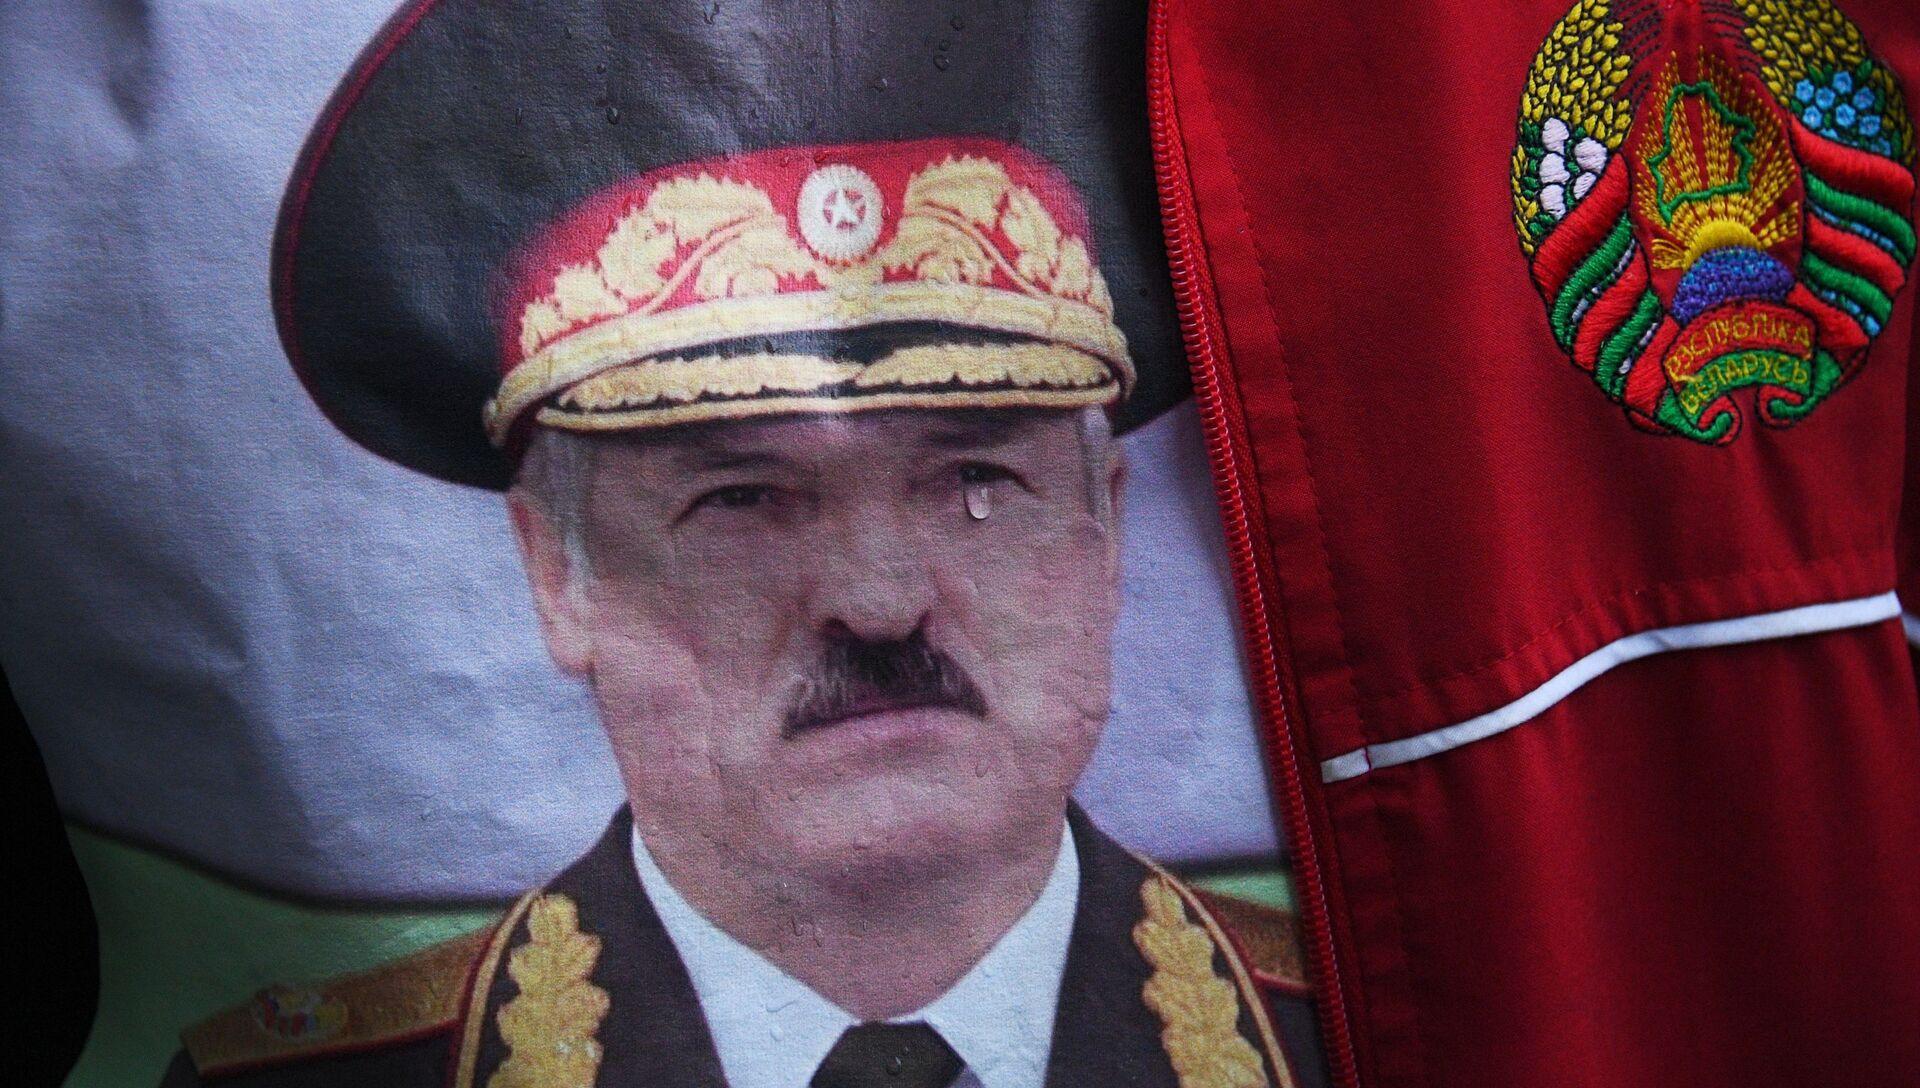 Акция в поддержку А. Лукашенко в Минске - РИА Новости, 1920, 03.11.2020